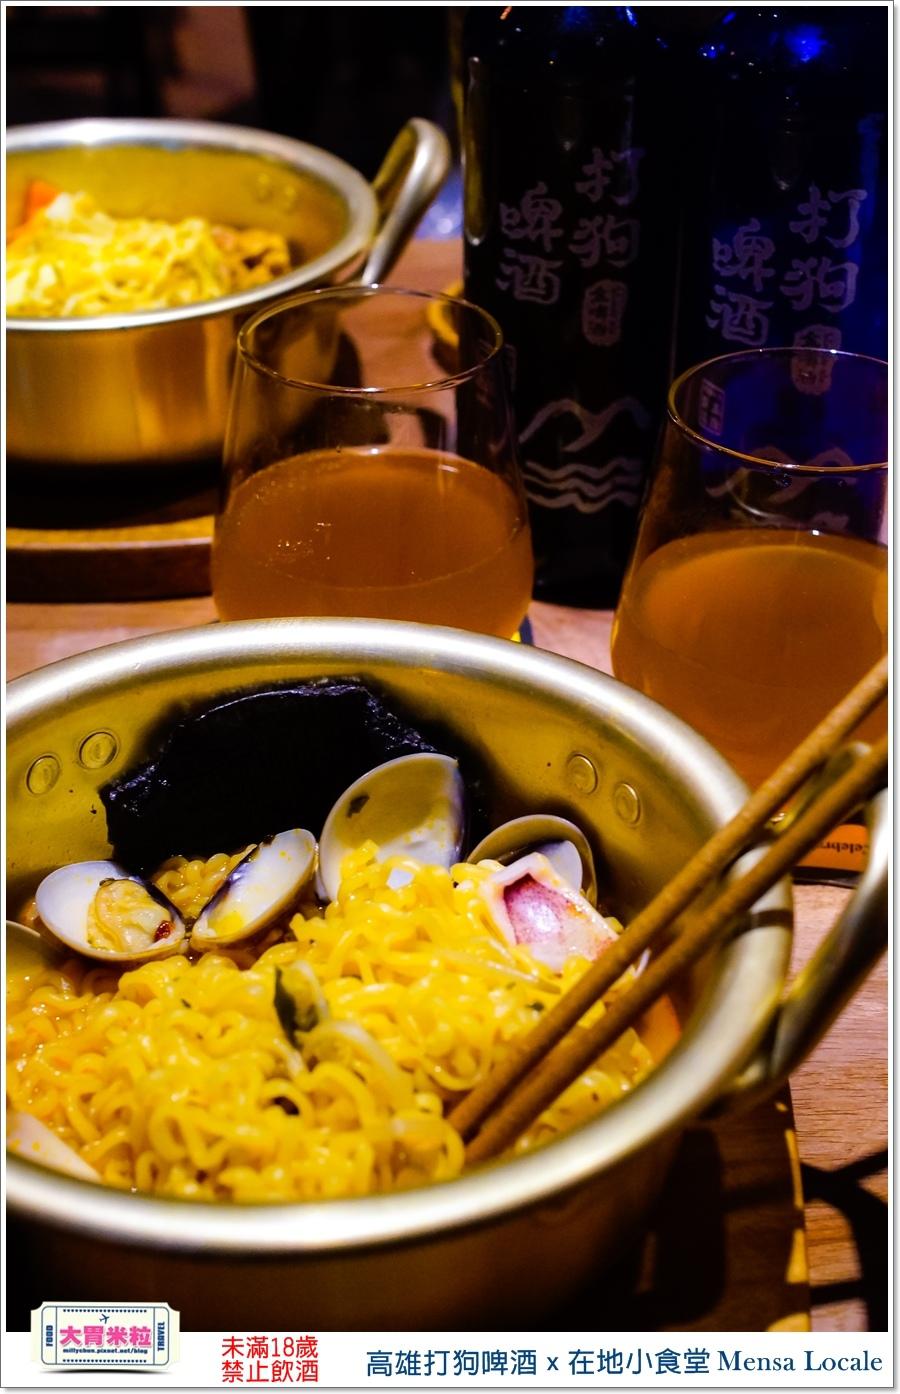 高雄打狗啤酒x在地小食堂Mensa Locale@大胃米粒00075.jpg